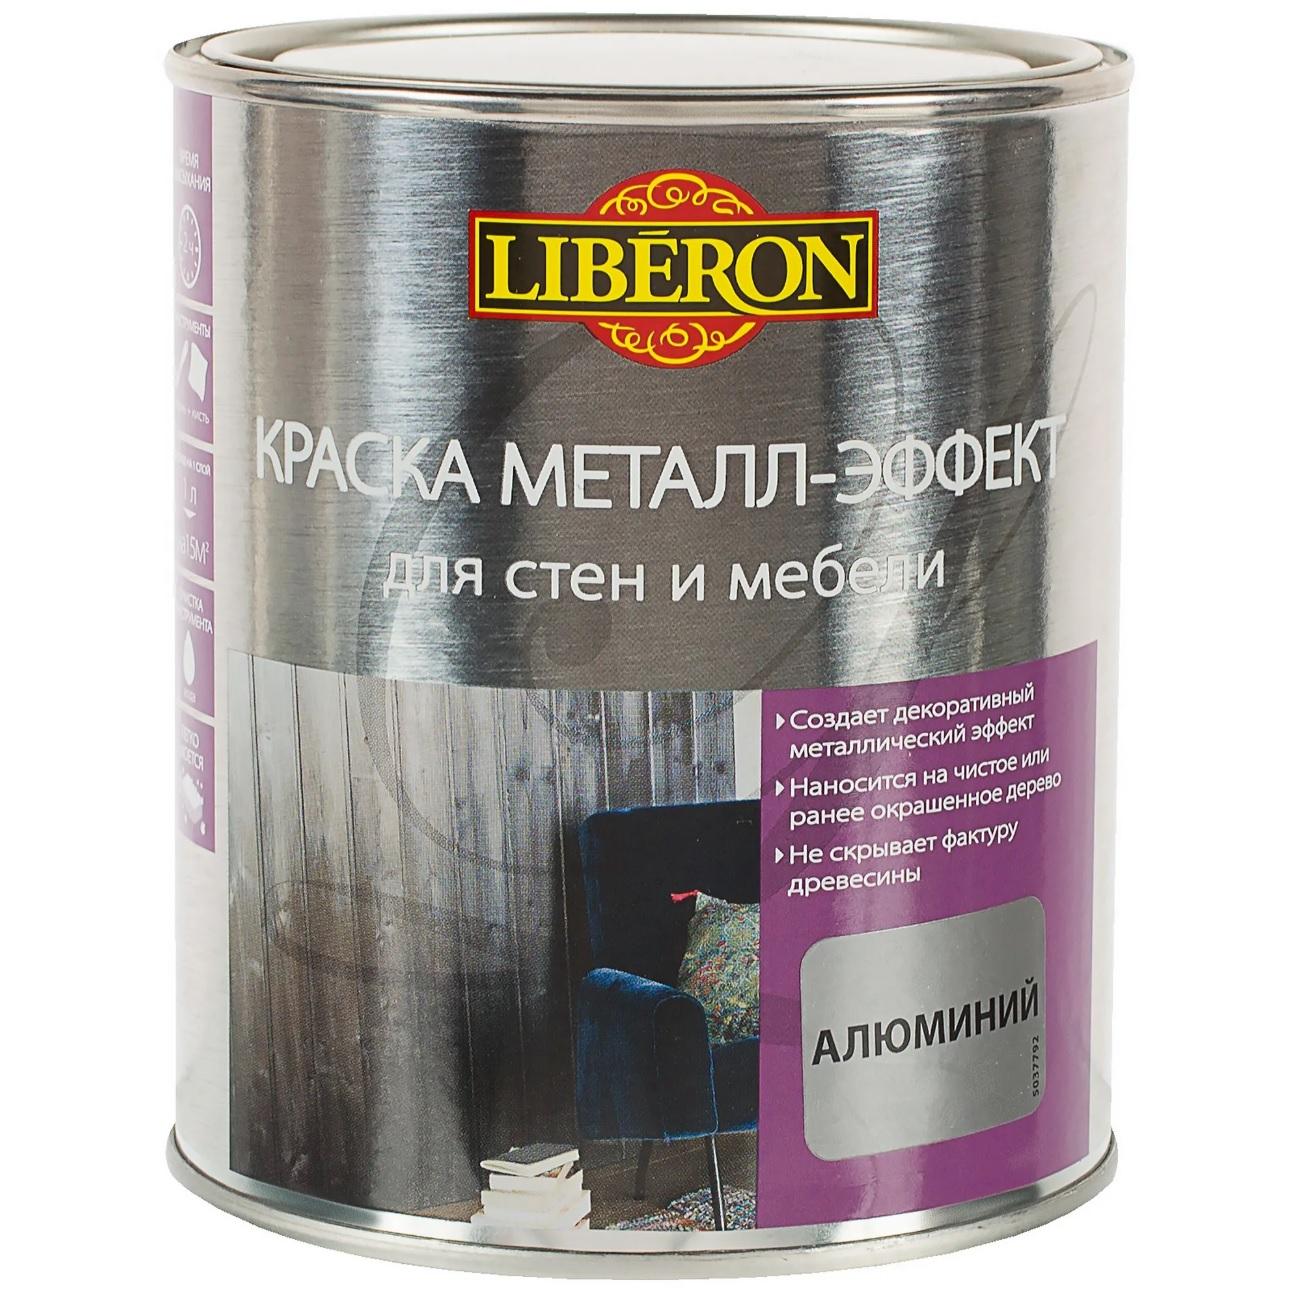 Краска Liberon металл-эффект полуглянец алюминий 1л для дерева краска liberon металл эффект полуглянец алюминий 1л для дерева